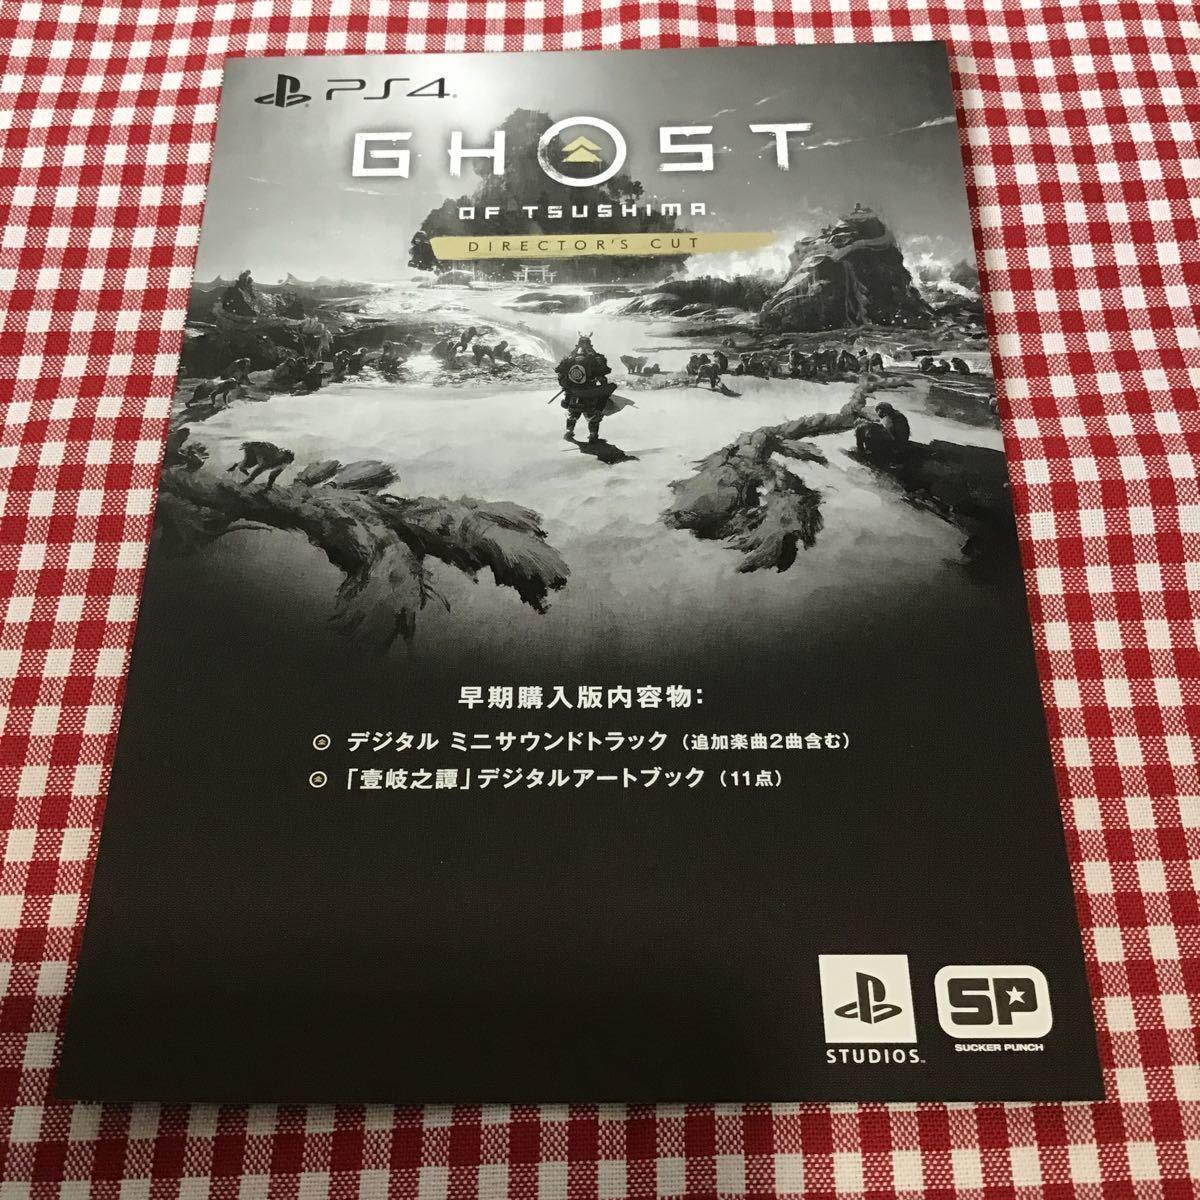 PS4 「 ゴーストオブツシマ ディレクターズカット 」特典 「 ミニサントラ&アートブック 」プロダクトコード ソフトなし Ghost of Tsushima_画像1